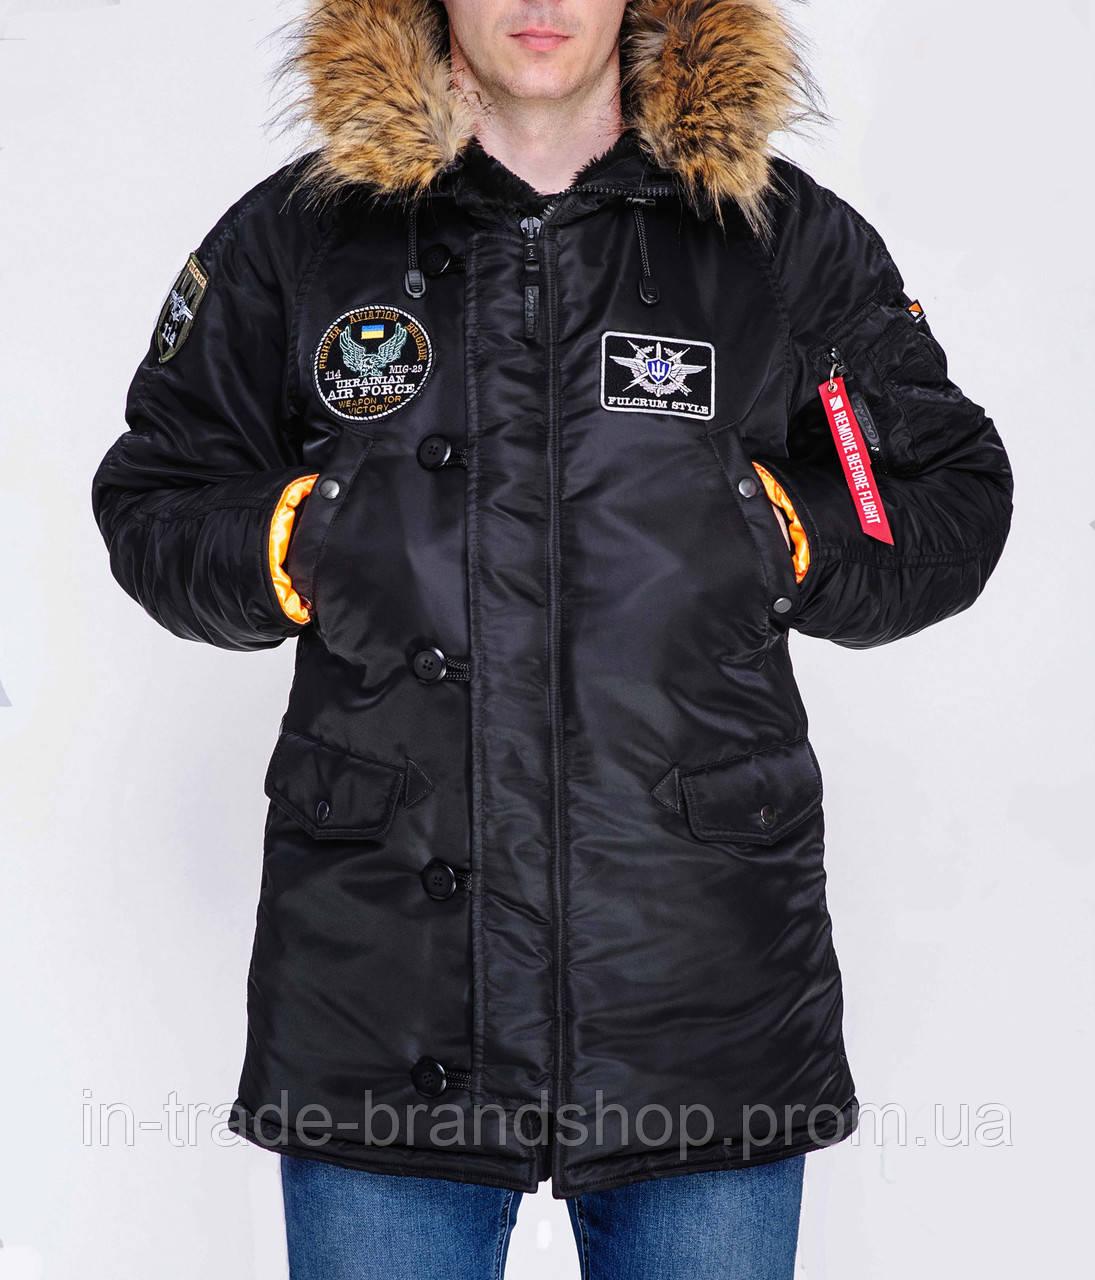 Парка Olymp с нашивками — Аляска N-3B, Slim Fit, Color: Black 100% Нейлон